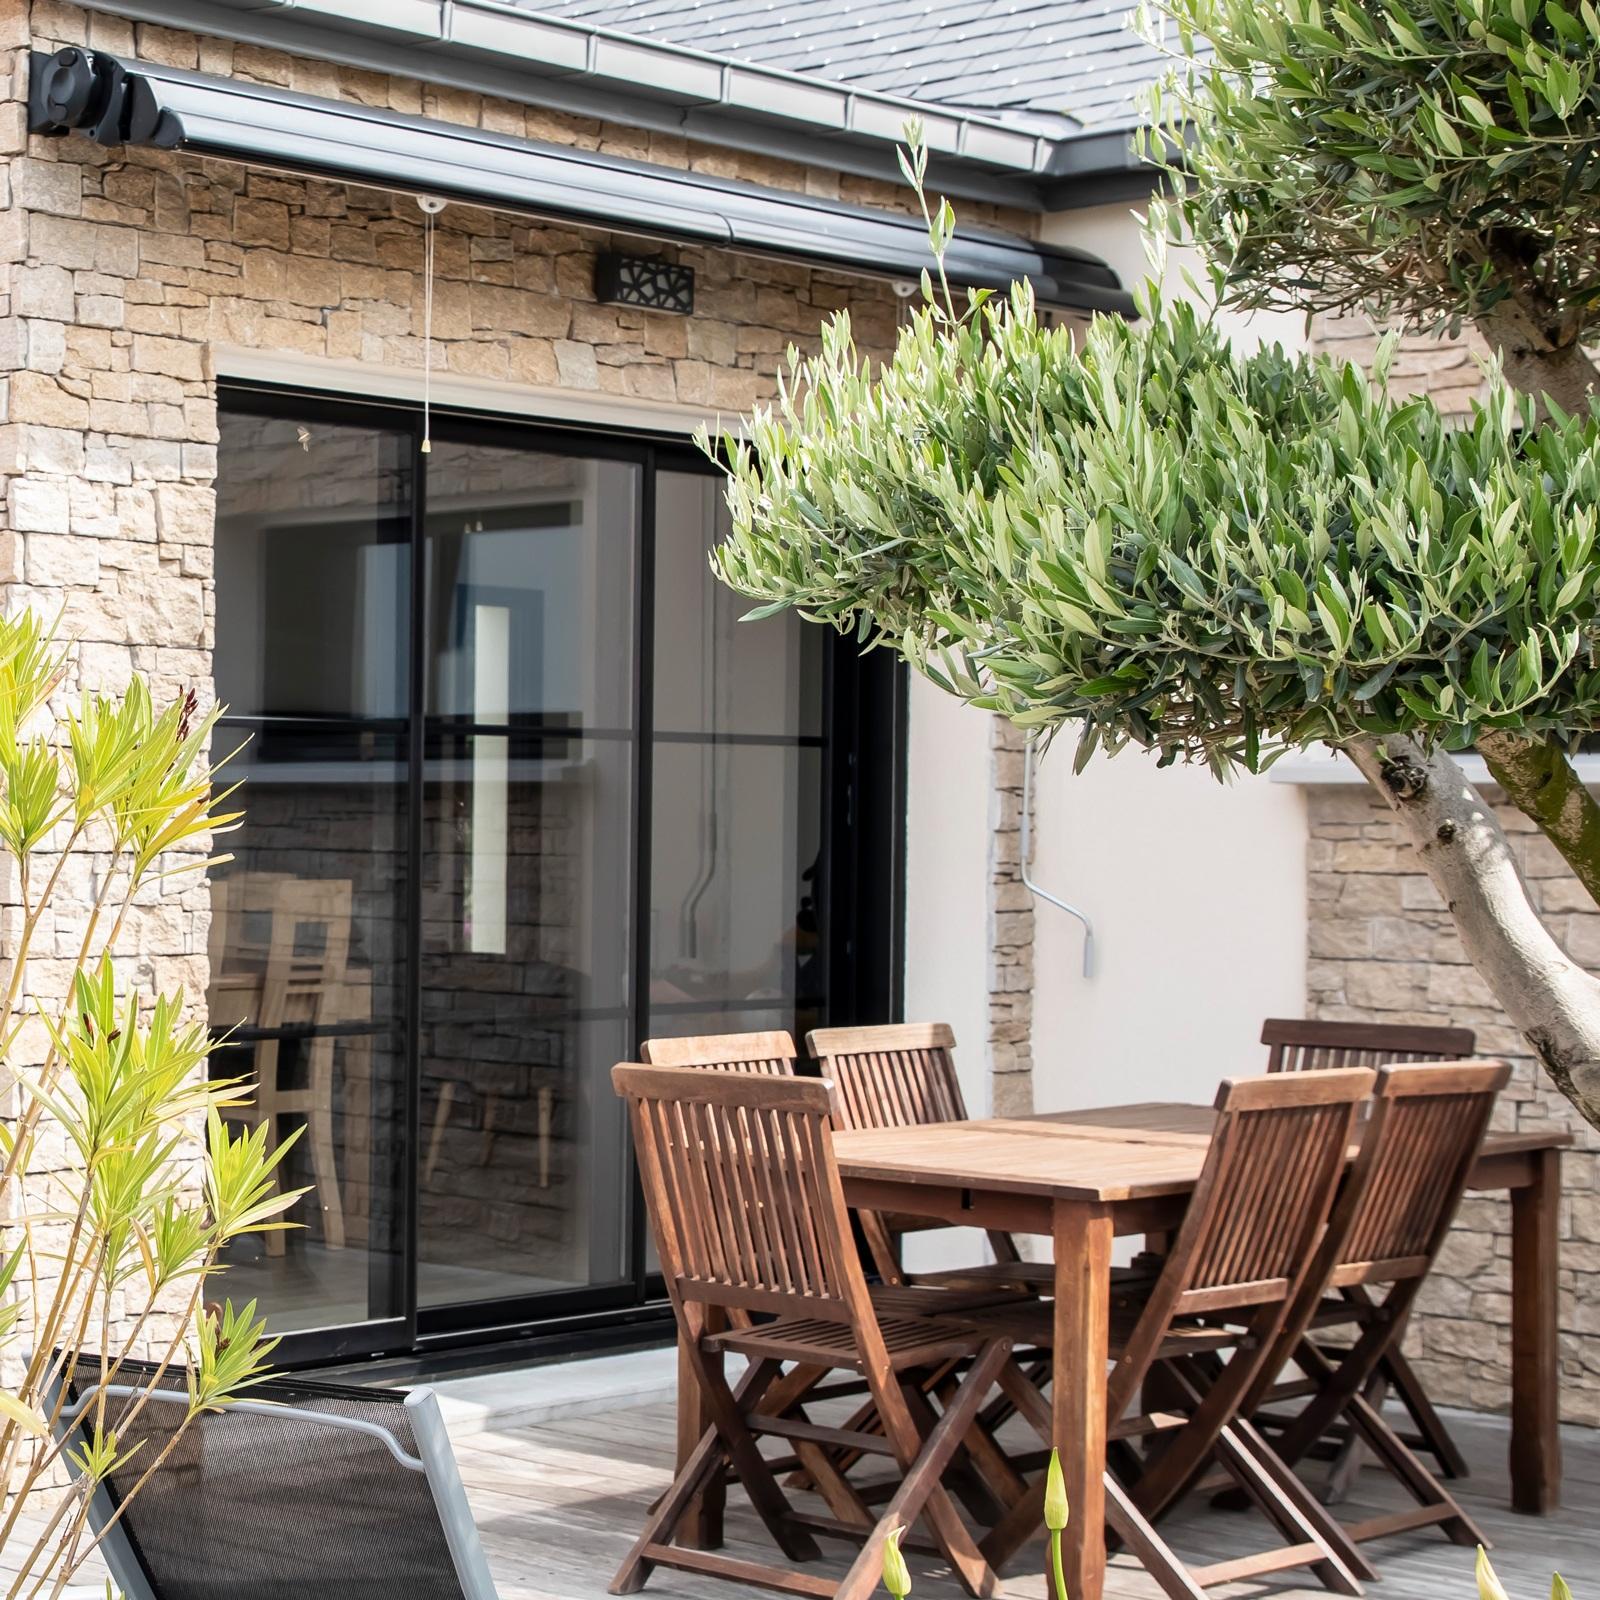 Acheter dans l'ancien ou faire construire une maison neuve?